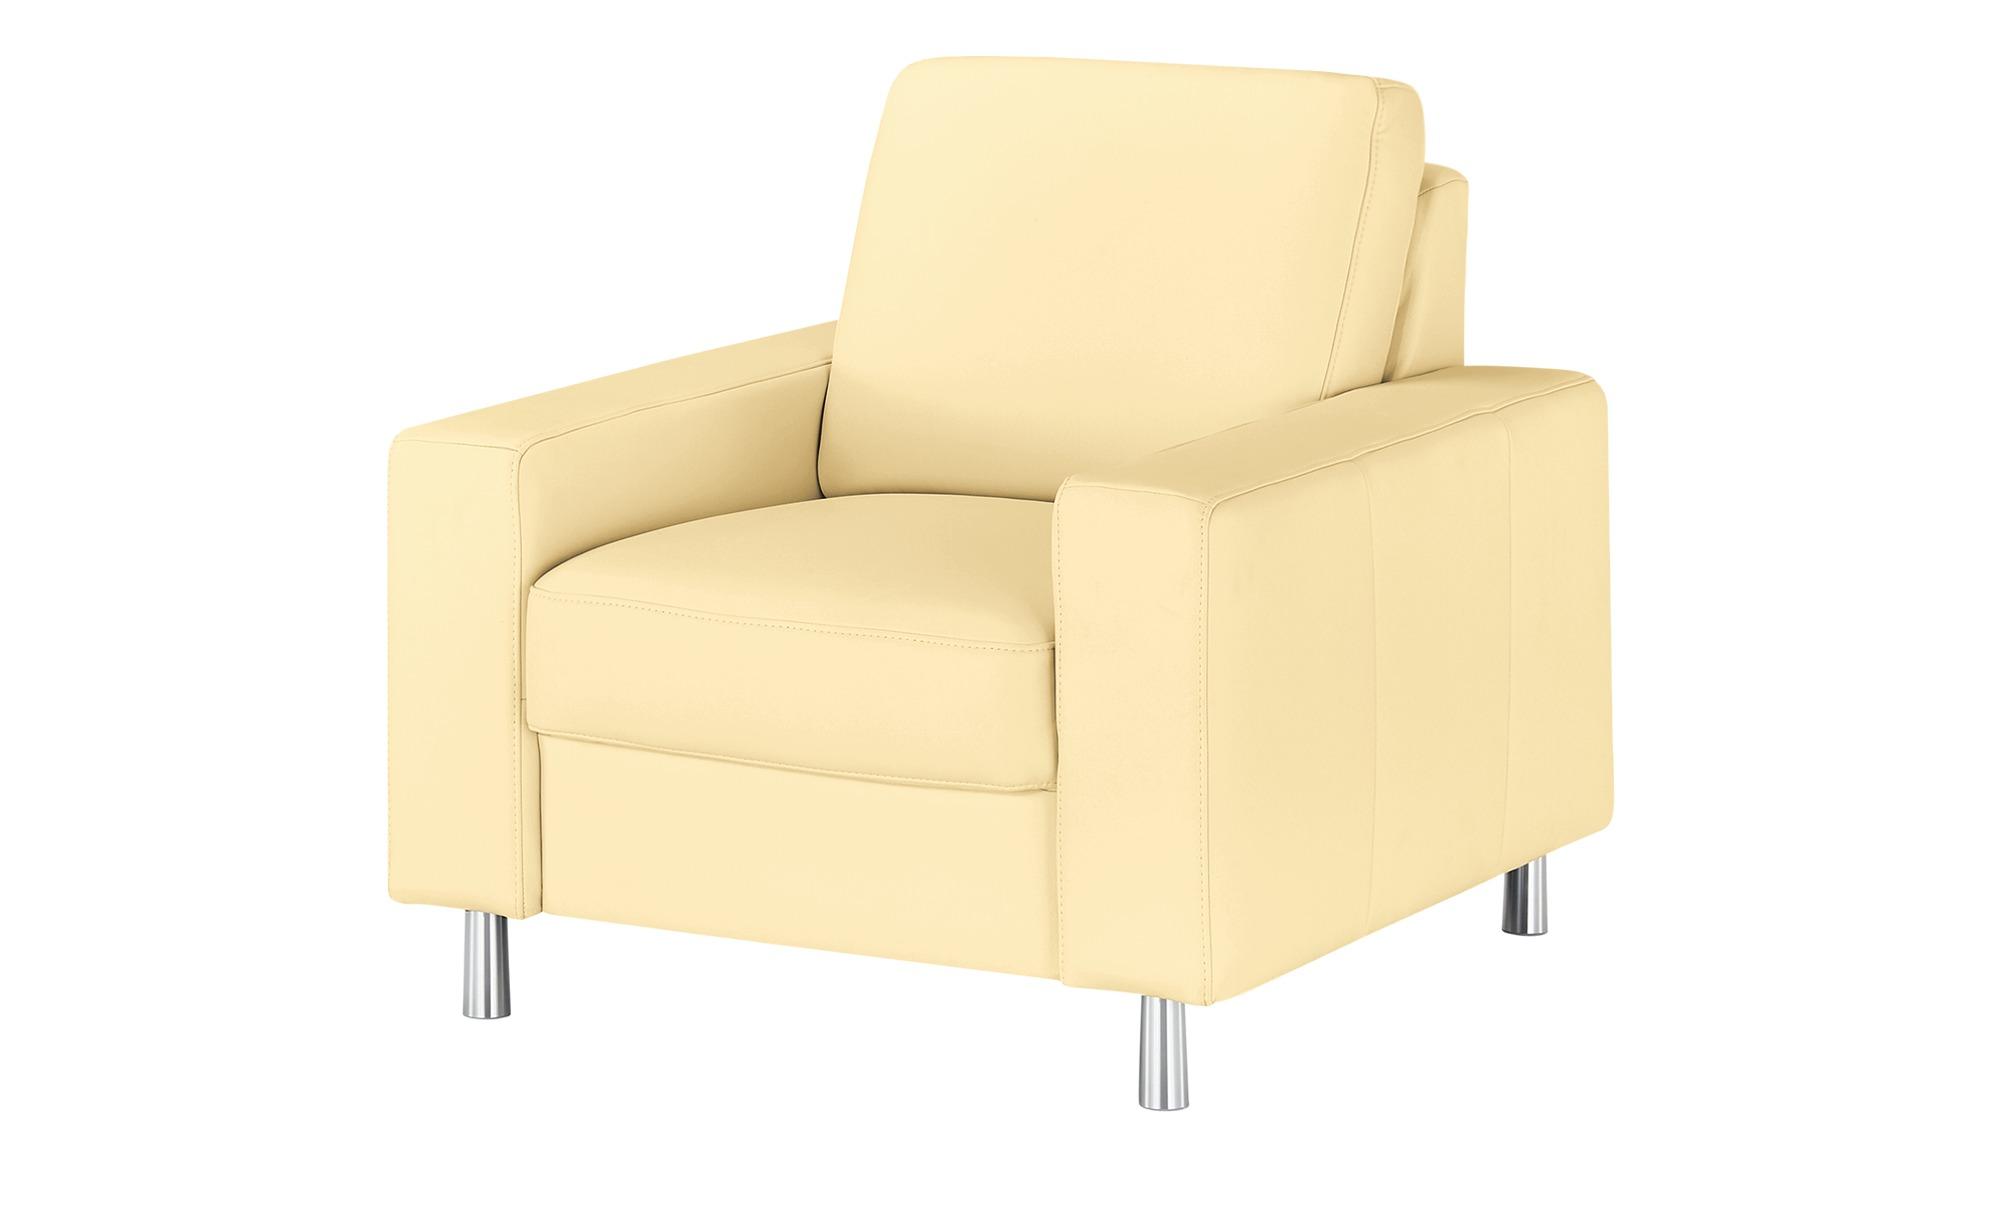 meinSofa Sessel  Byron ¦ beige ¦ Maße (cm): B: 88 H: 86 T: 95 Polstermöbel > Sessel > Ledersessel - Höffner